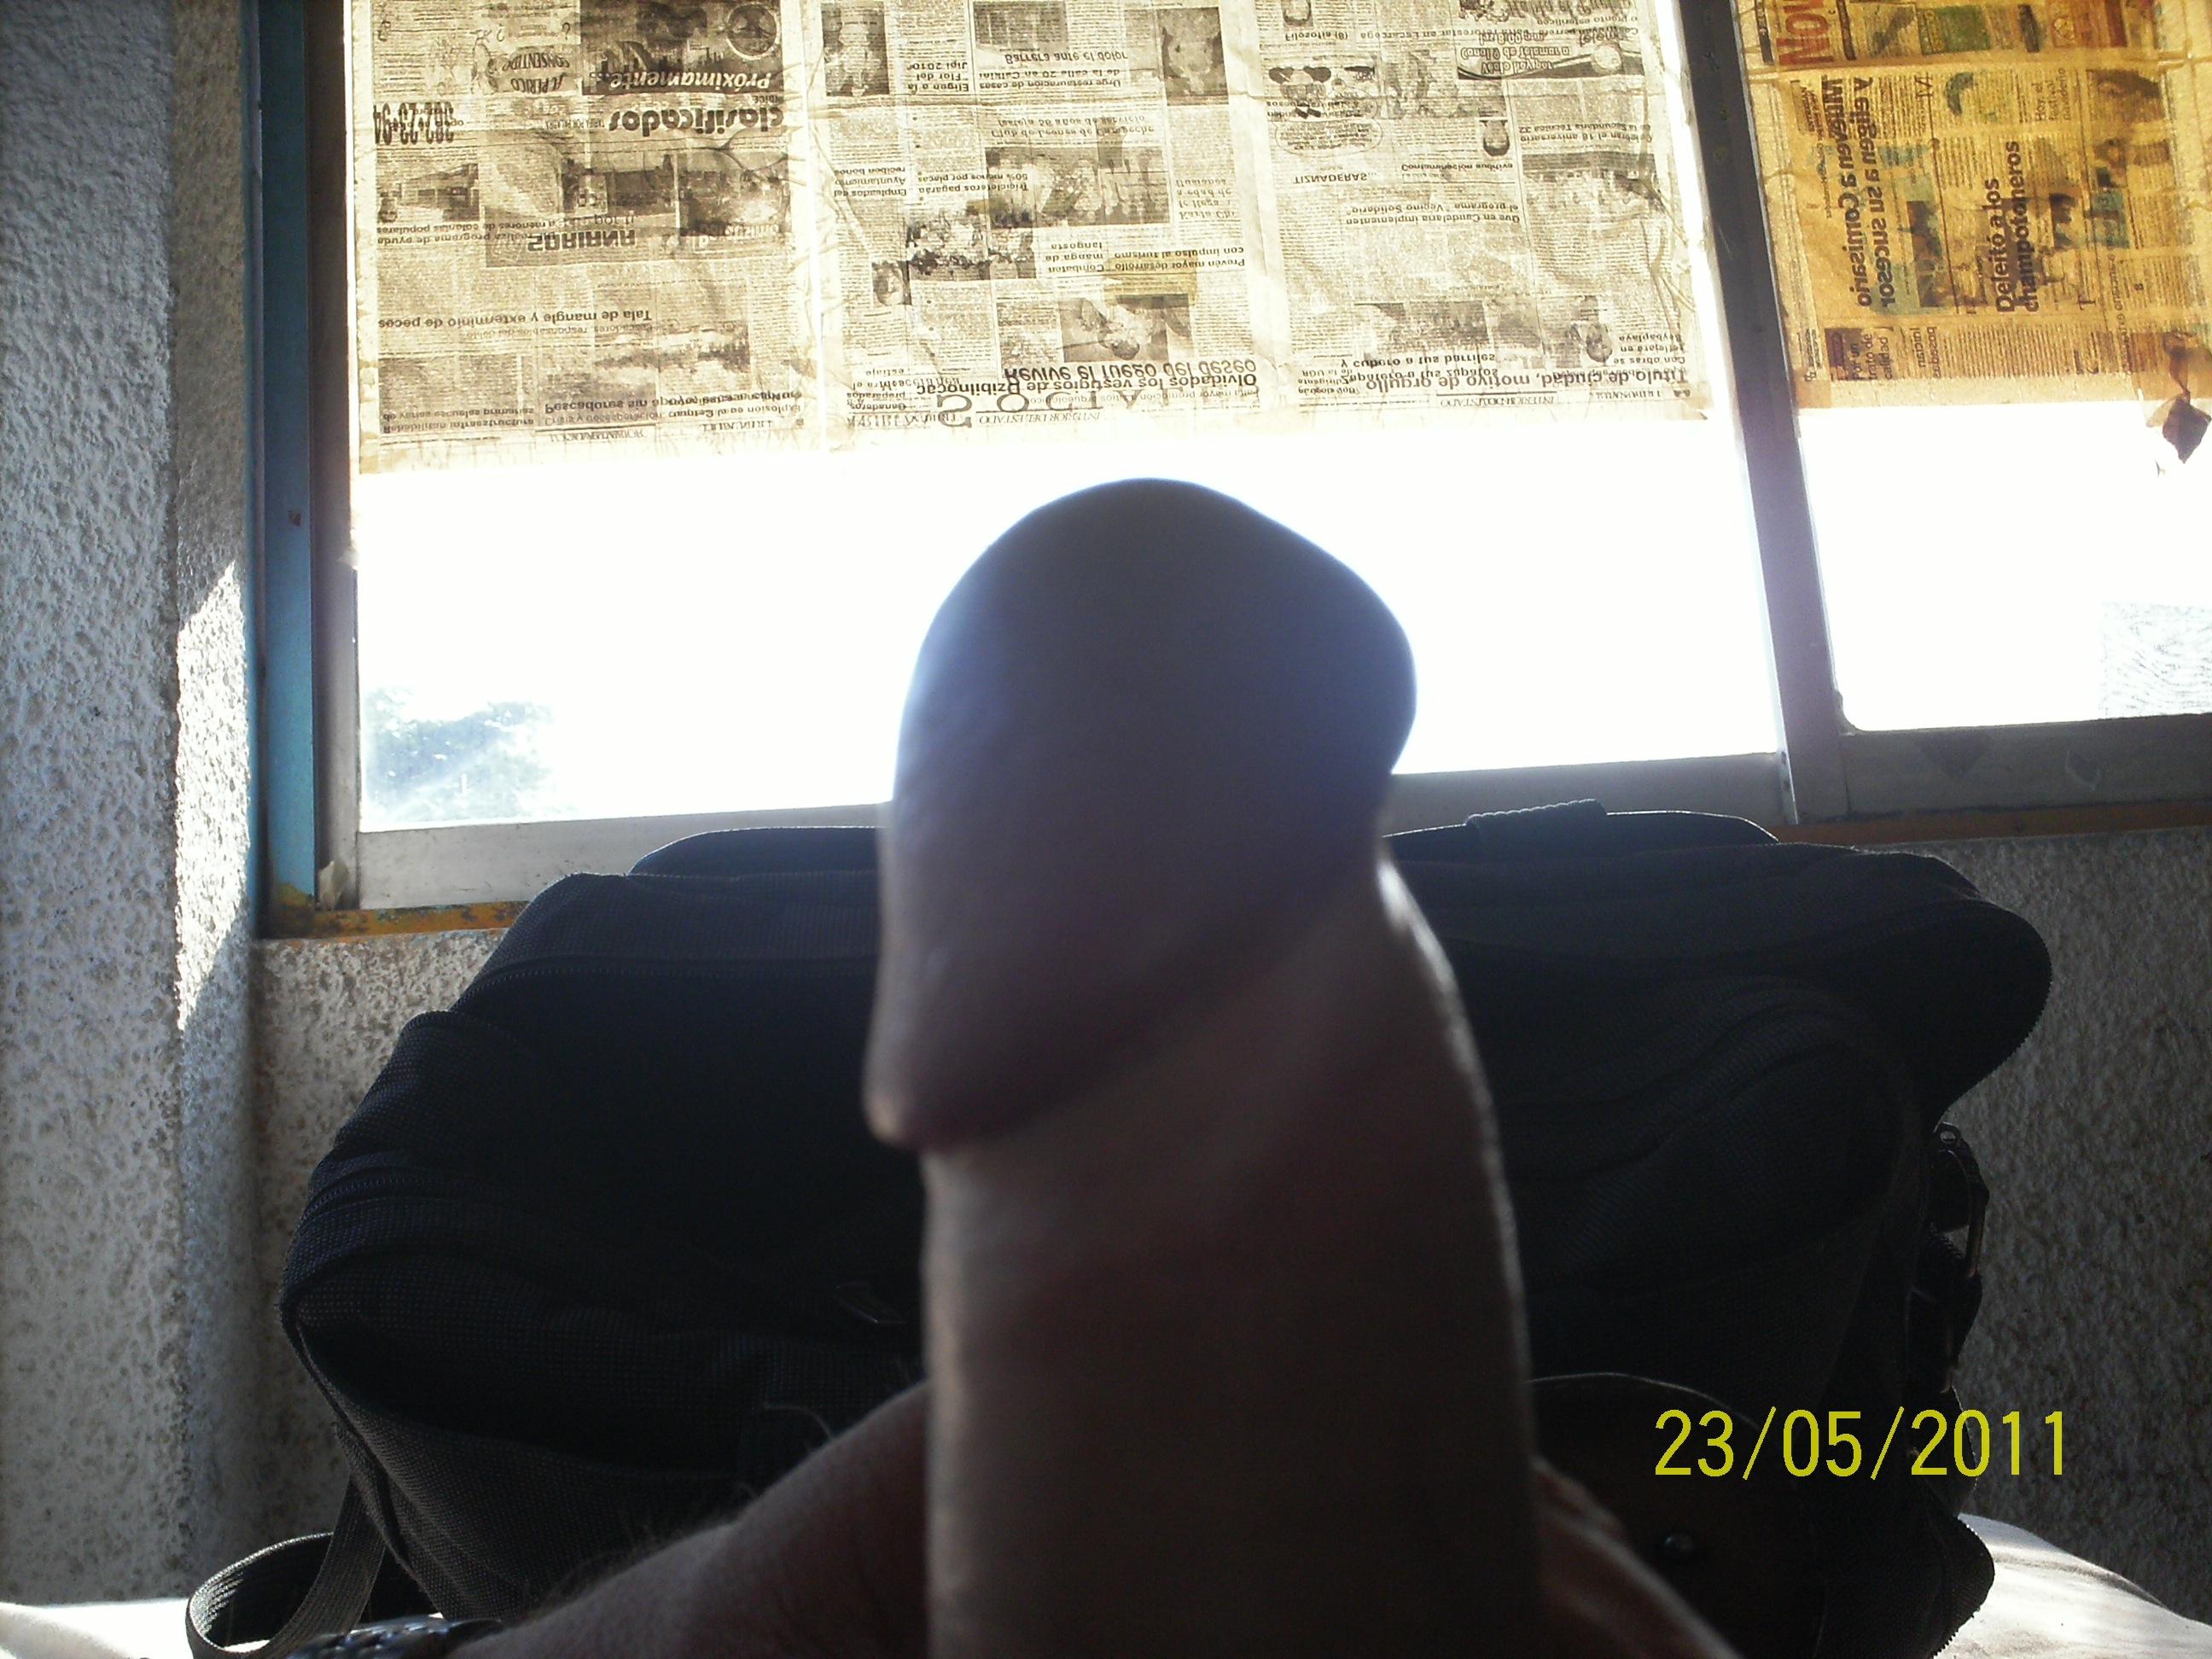 sobododelva